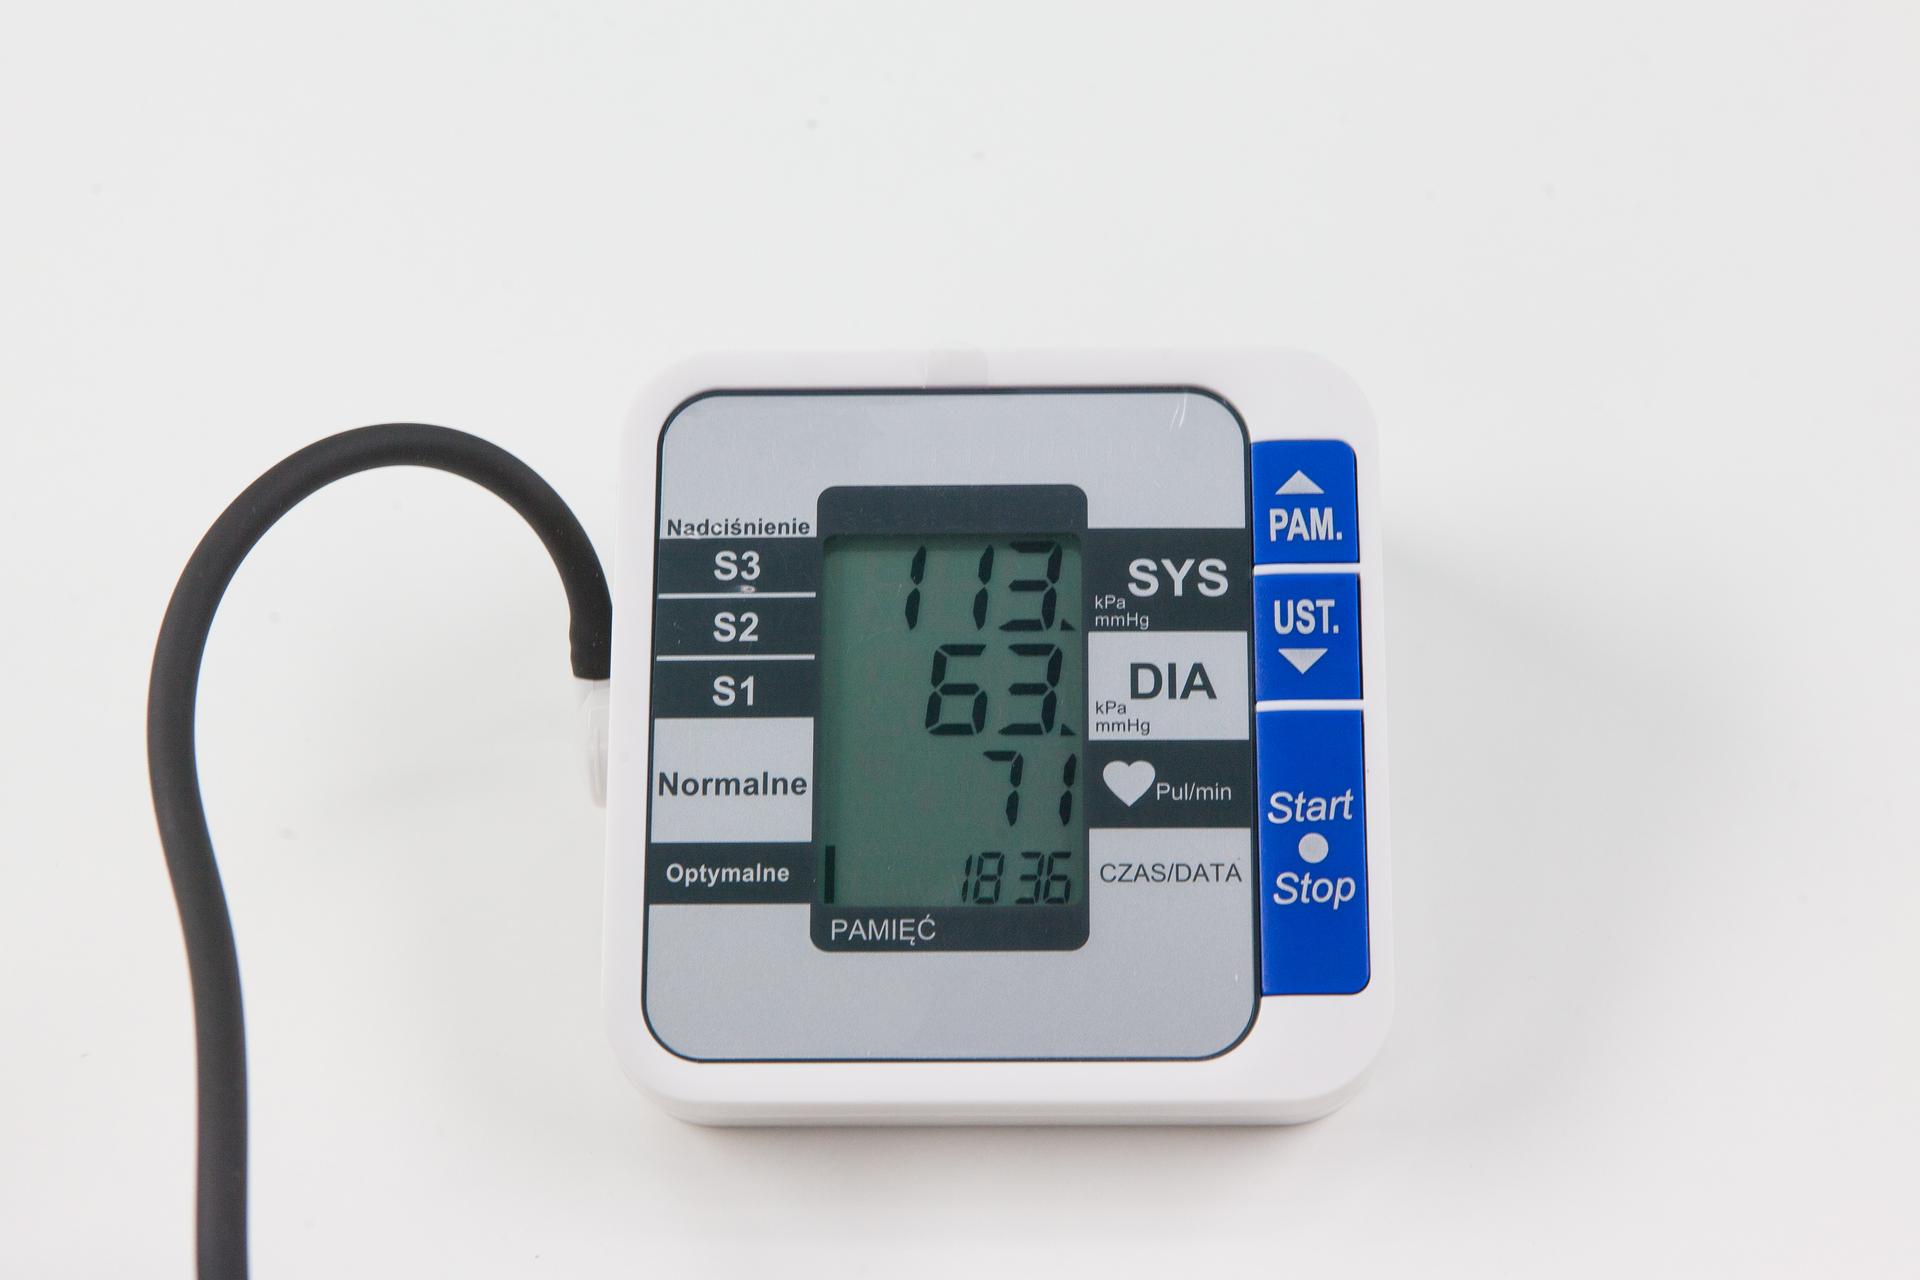 Fotografia przedstawia ciśnieniomierz elektroniczny do użytku domowego. Na ekranie urządzenia ugóry znajduje się wynik ciśnienia skurczowego (SYS). Niżej wynik pomiaru ciśnienia rozkurczowego (DIA). Jeszcze niżej symbol serca, ukazujący częstość pulsu. Zlewej przewód elektryczny. Zprawej niebieskie przyciski: pamięć, ustawienia iwskaźnik start – stop.